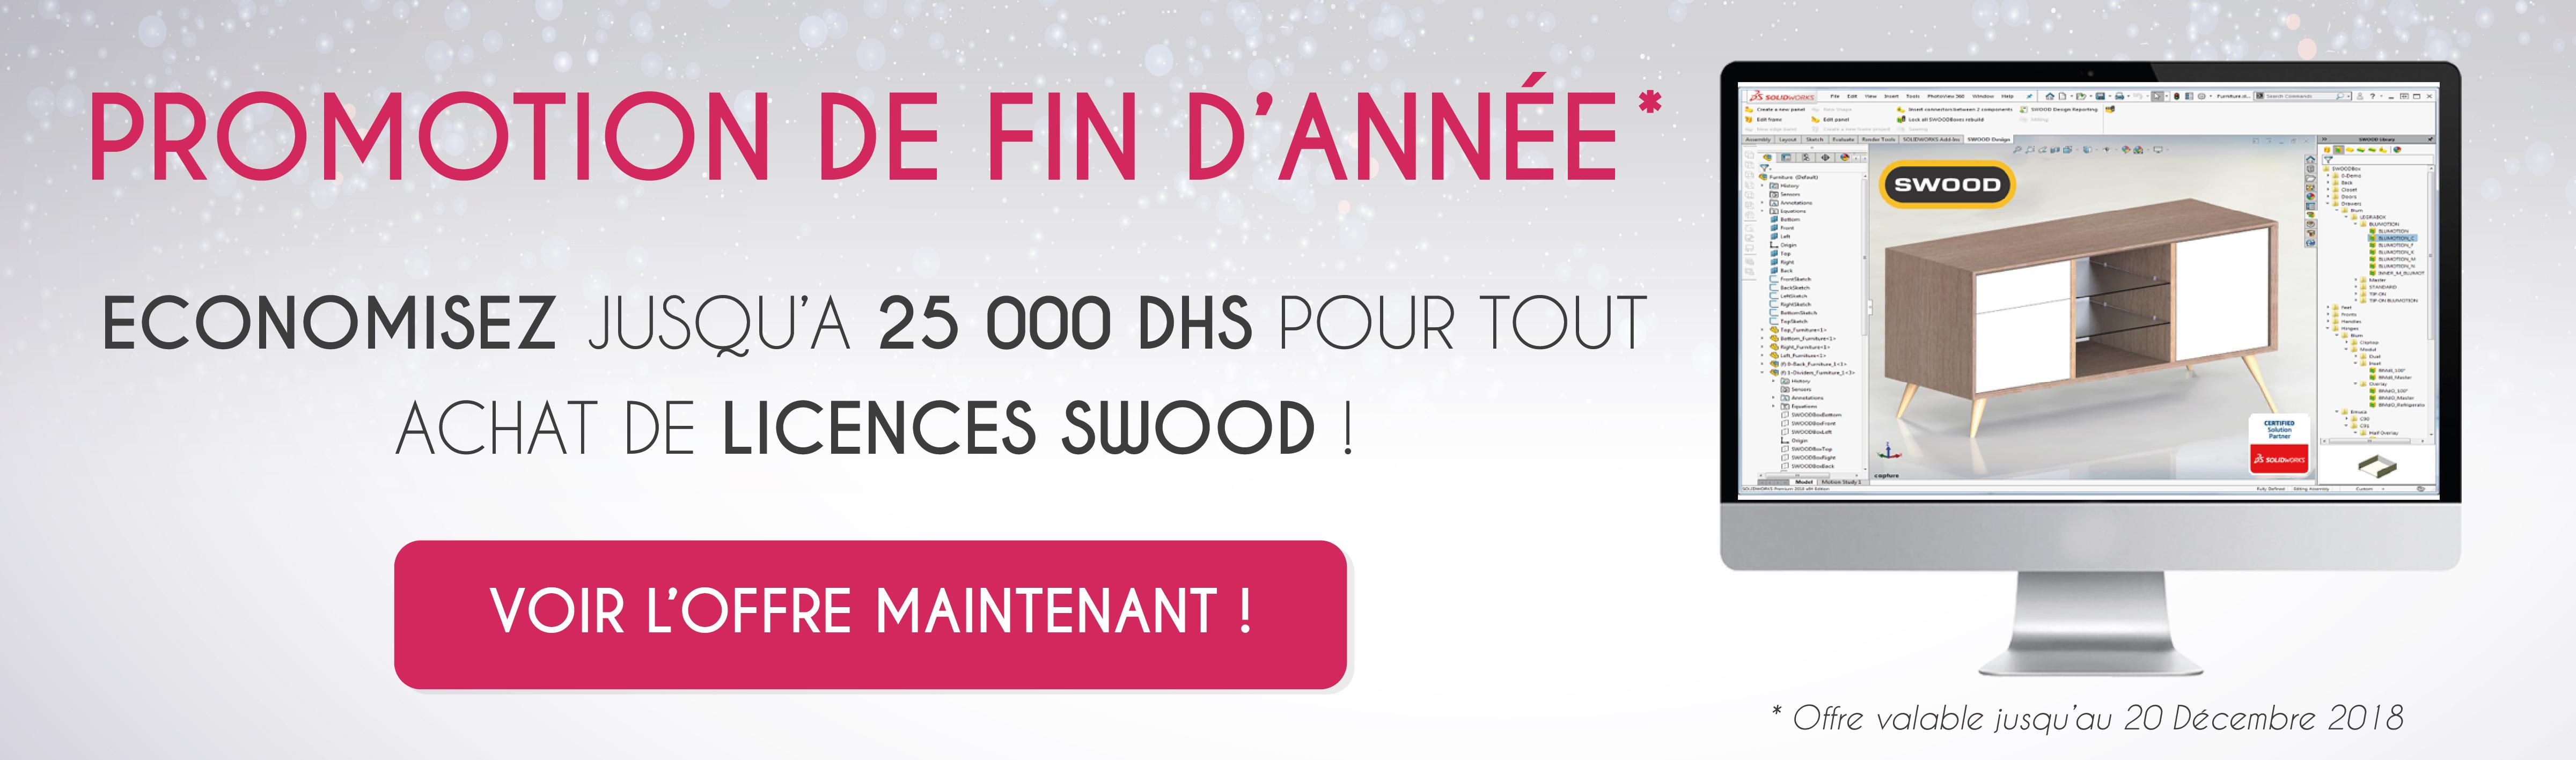 SOLUTION SWOOD – PROMOTION DE FIN D'ANNÉE